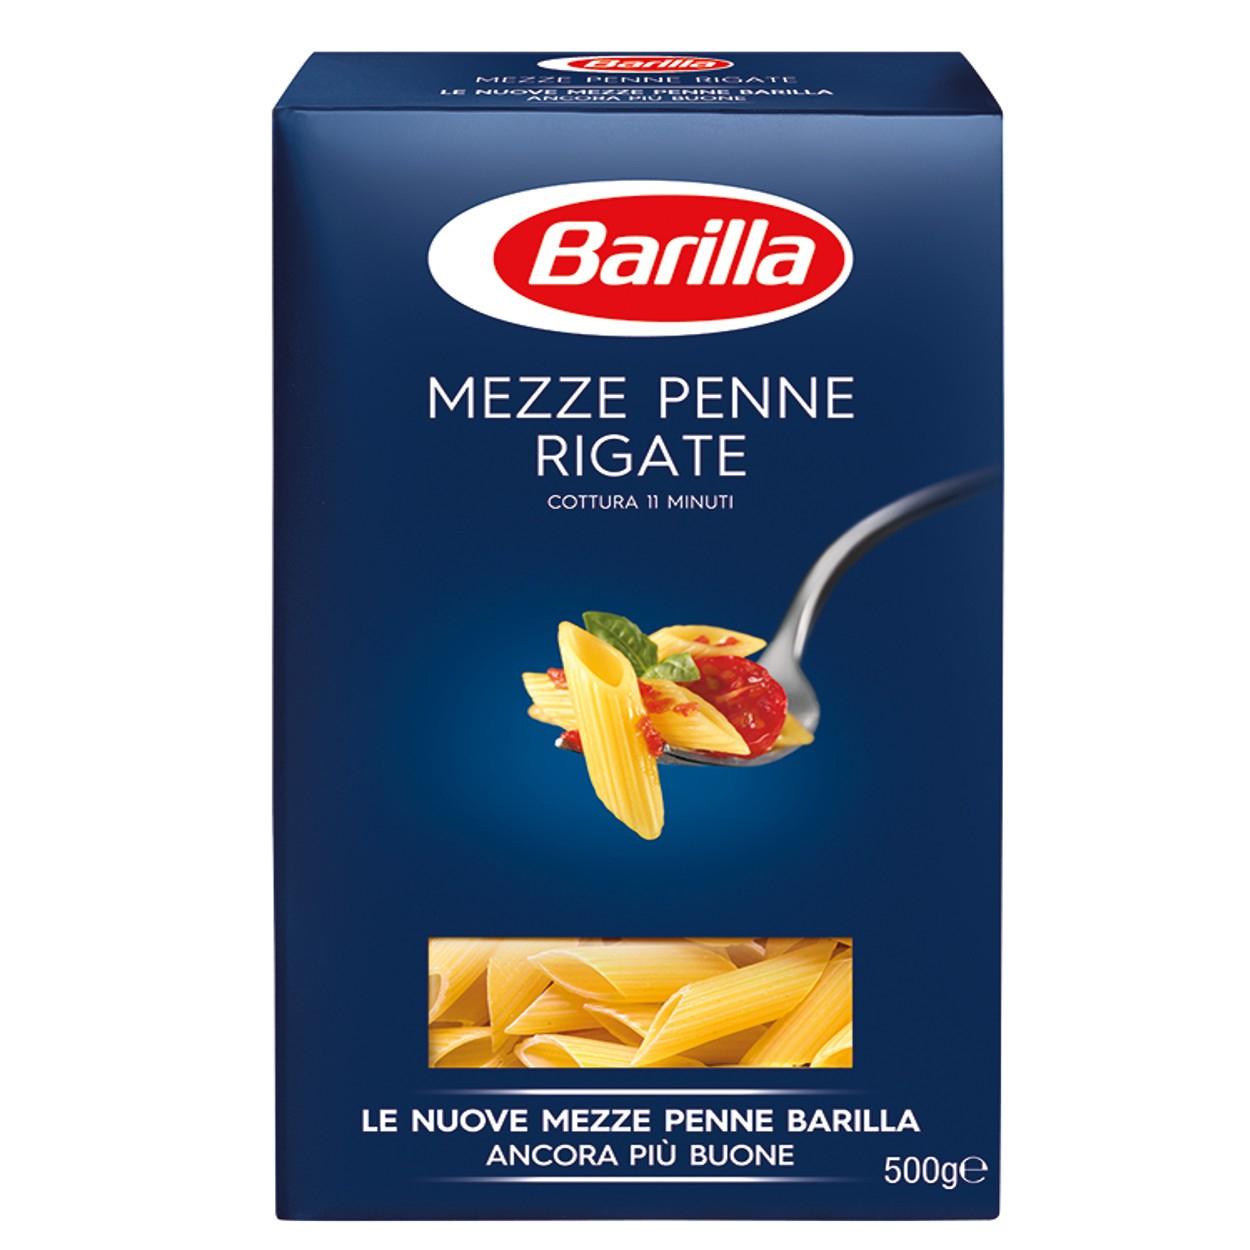 BARILLA MEZZE PENNE RIGATE N°70 - GR.500